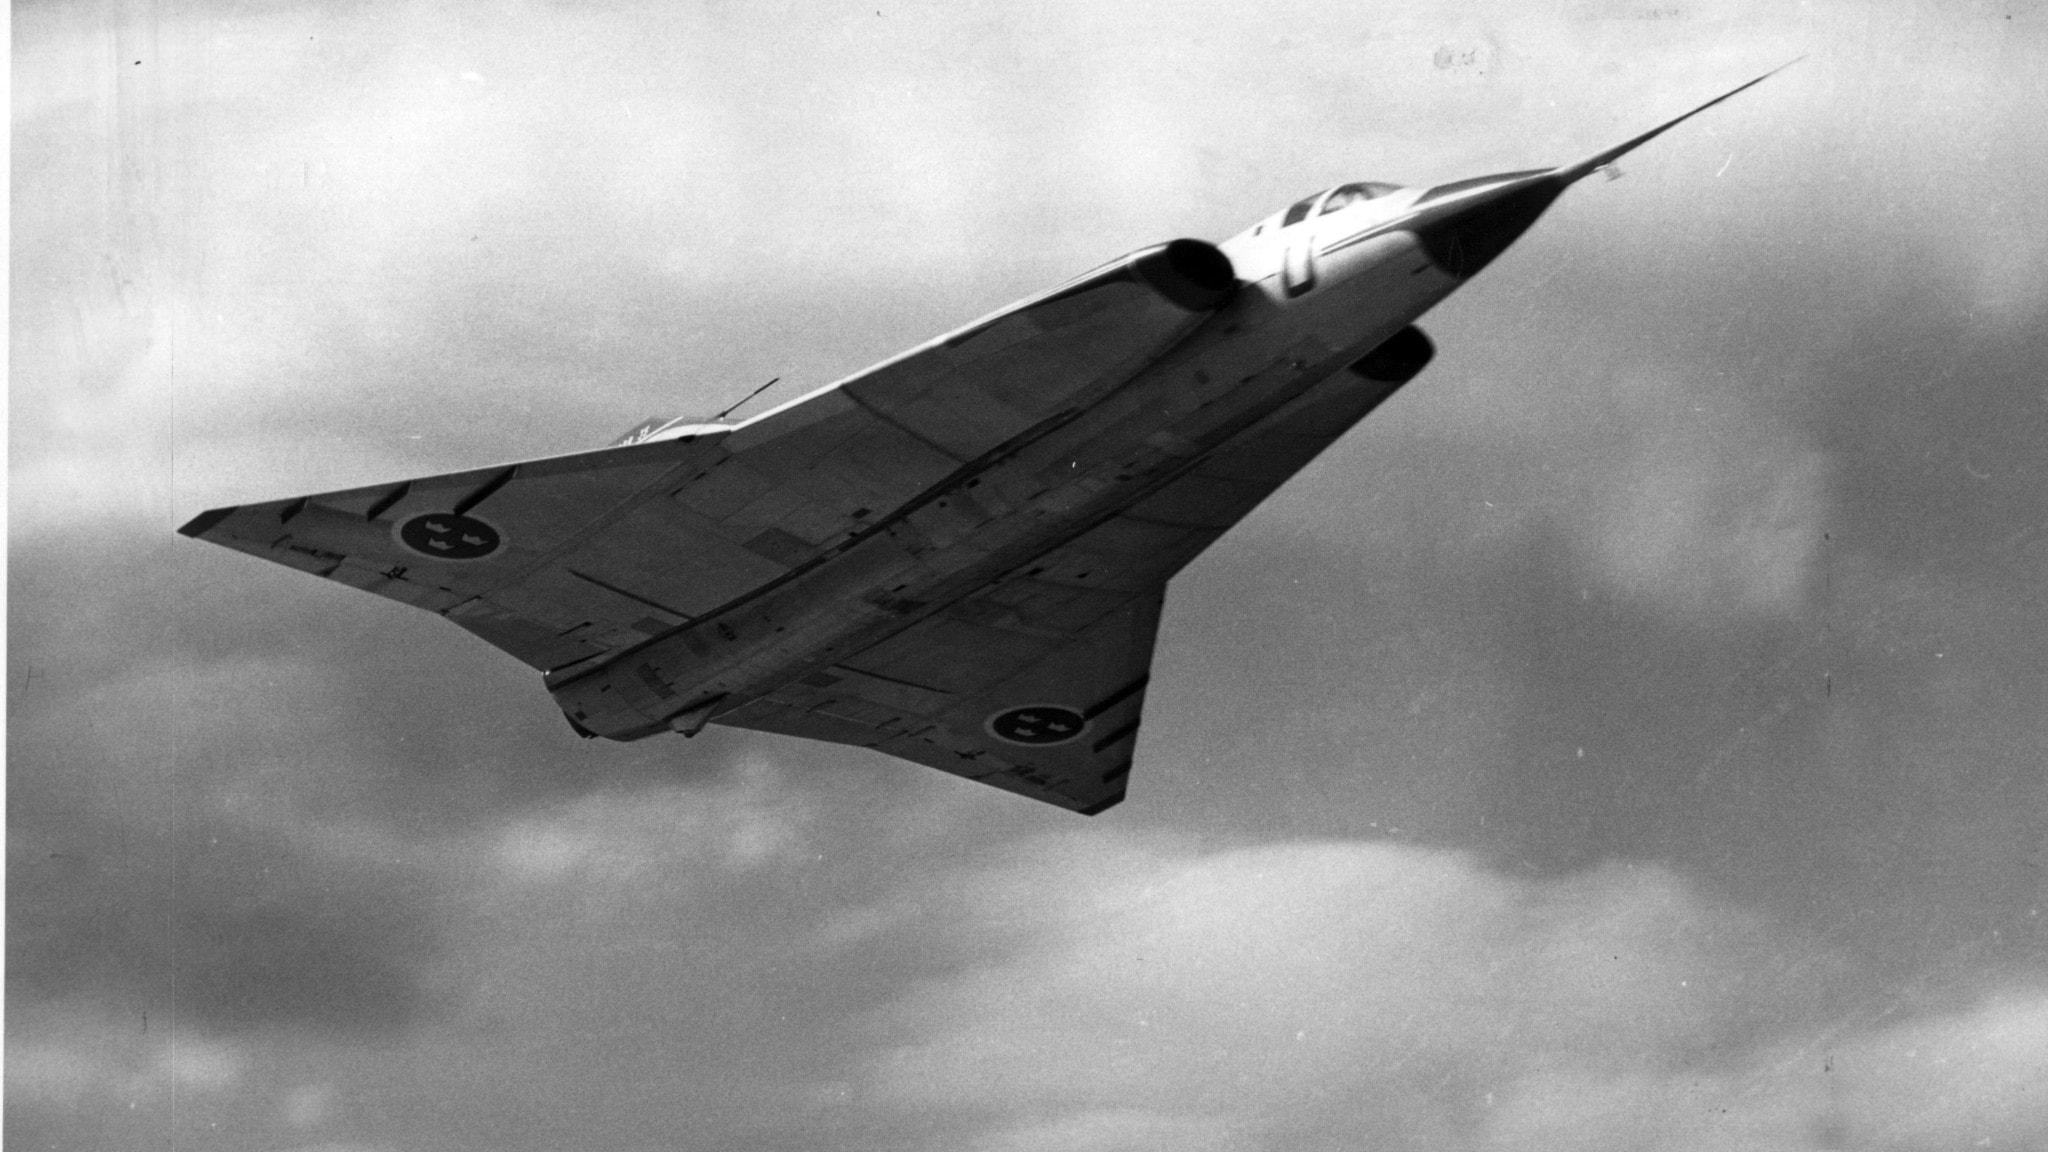 Vill du testa flyga en J 35 Draken? – snart är det möjligt